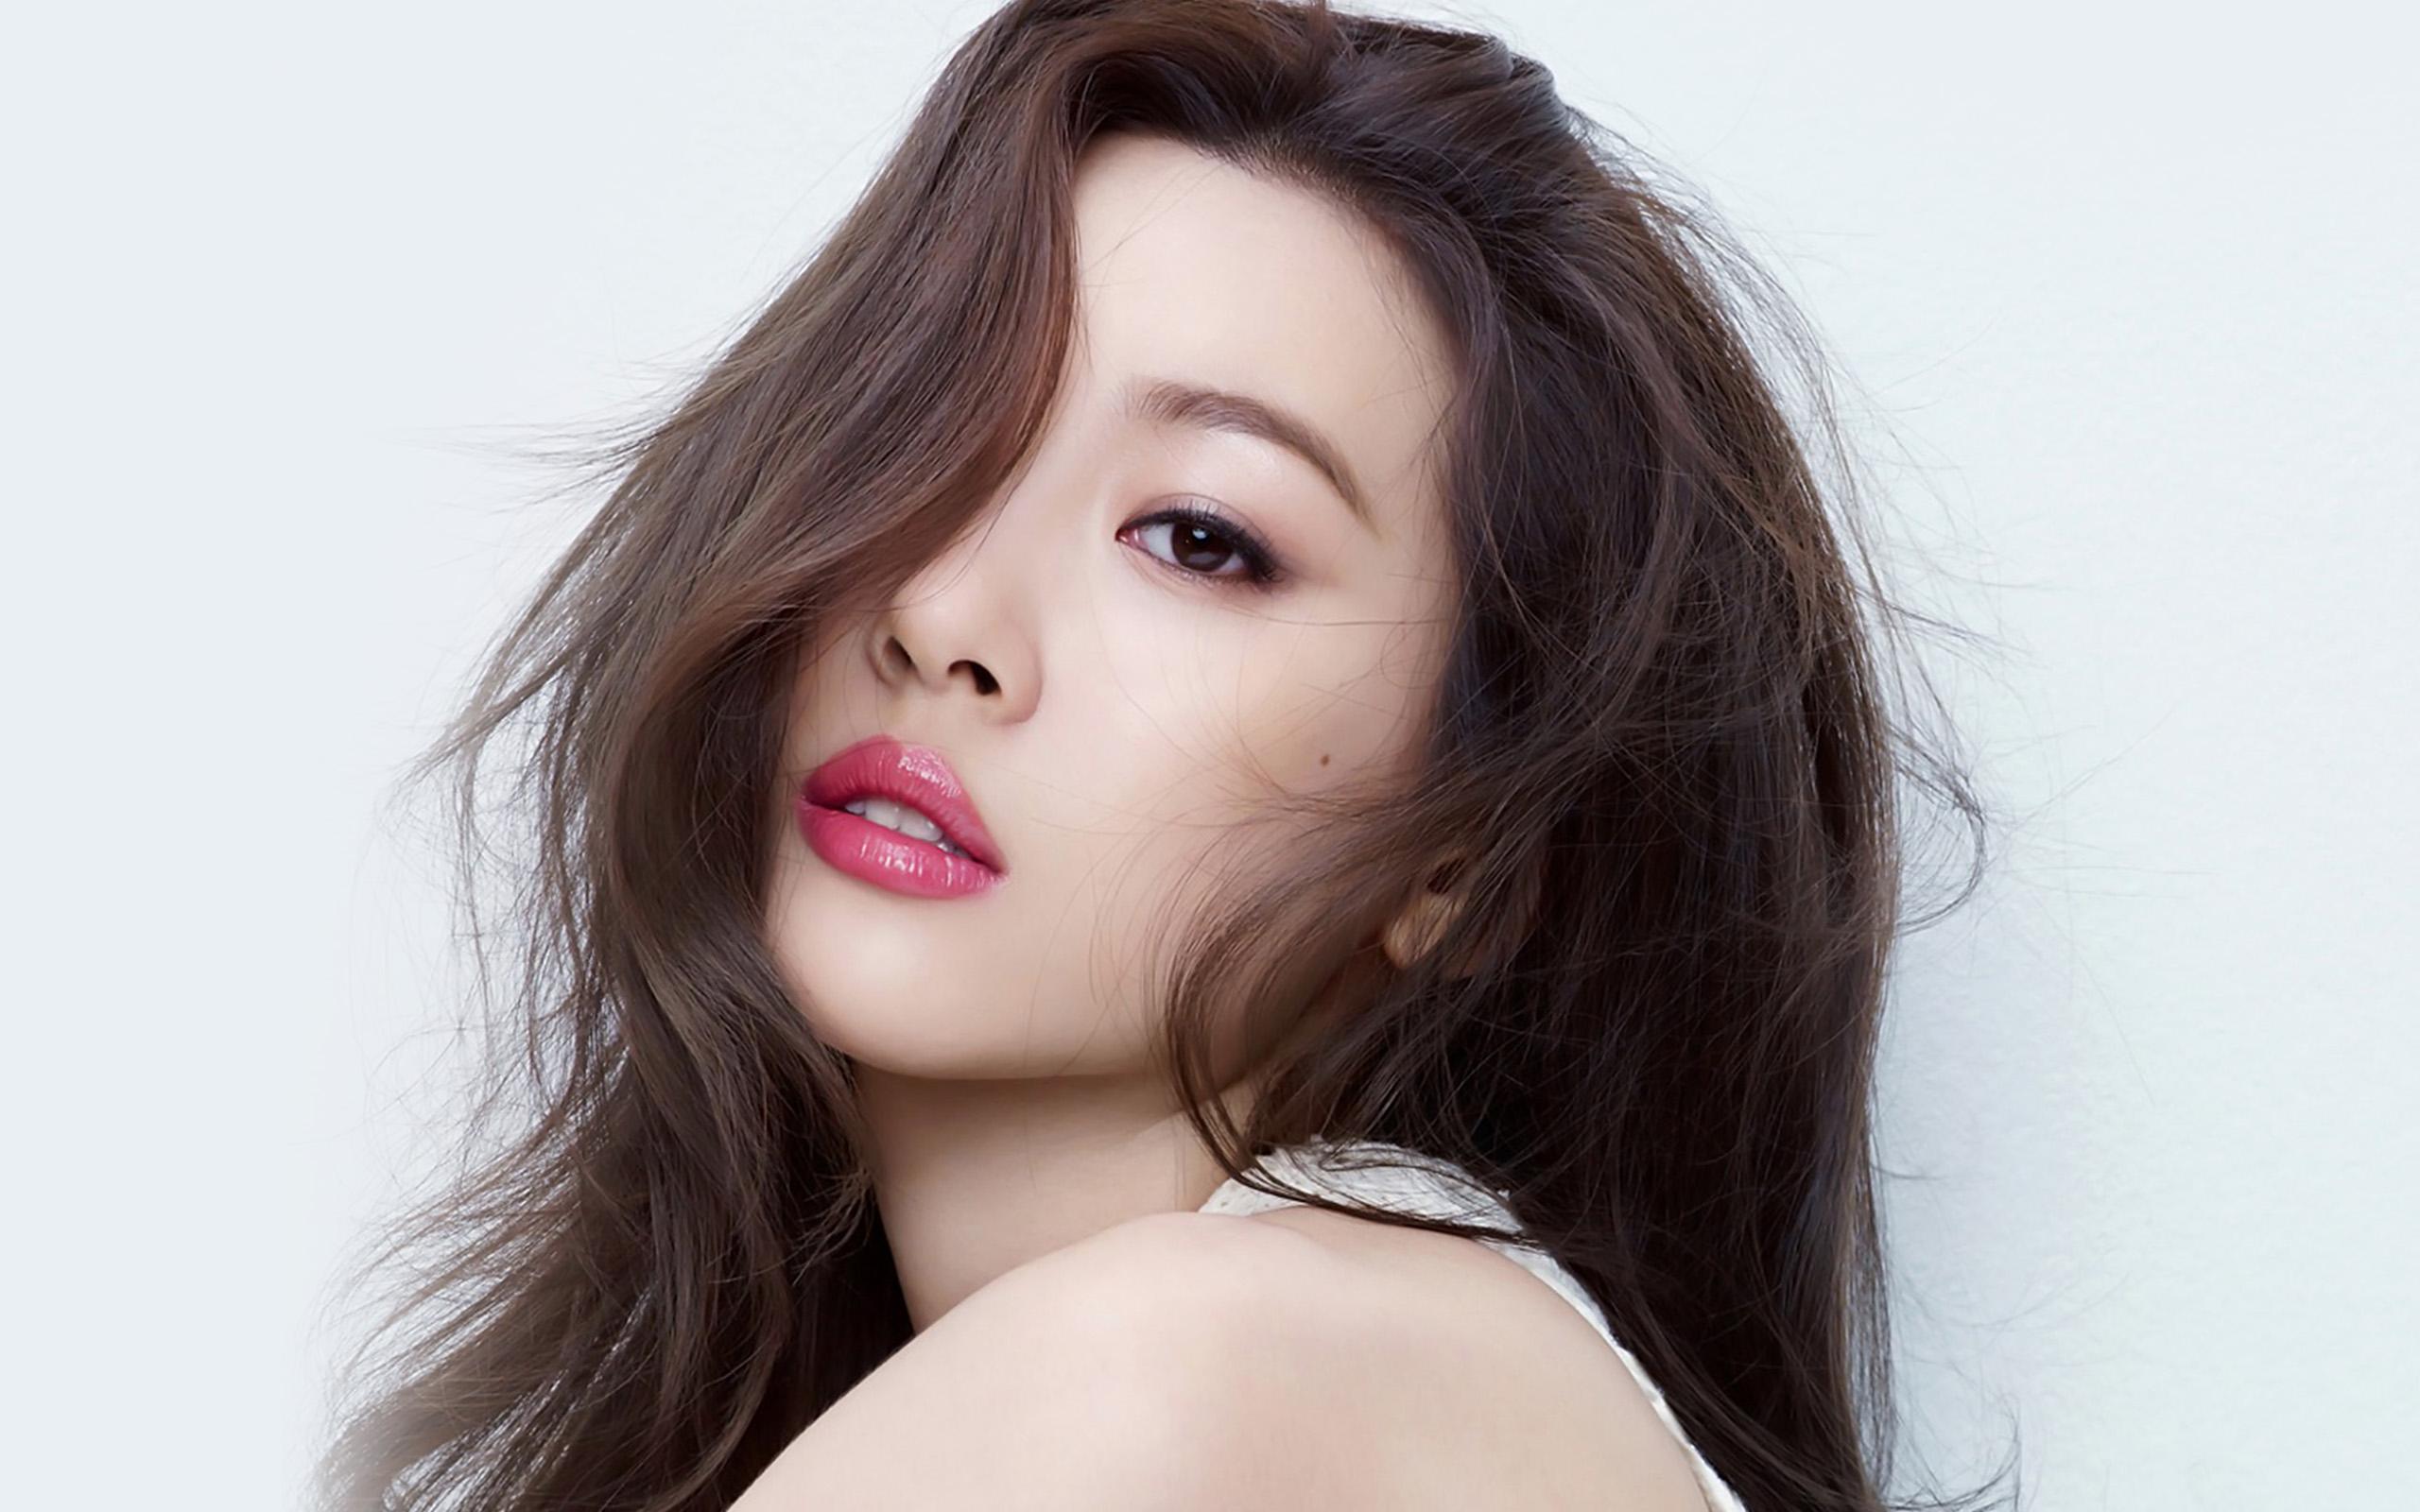 Droid X Girl Wallpaper Hk20 Kpop Jyp Girl White Asian Sunmi Wallpaper